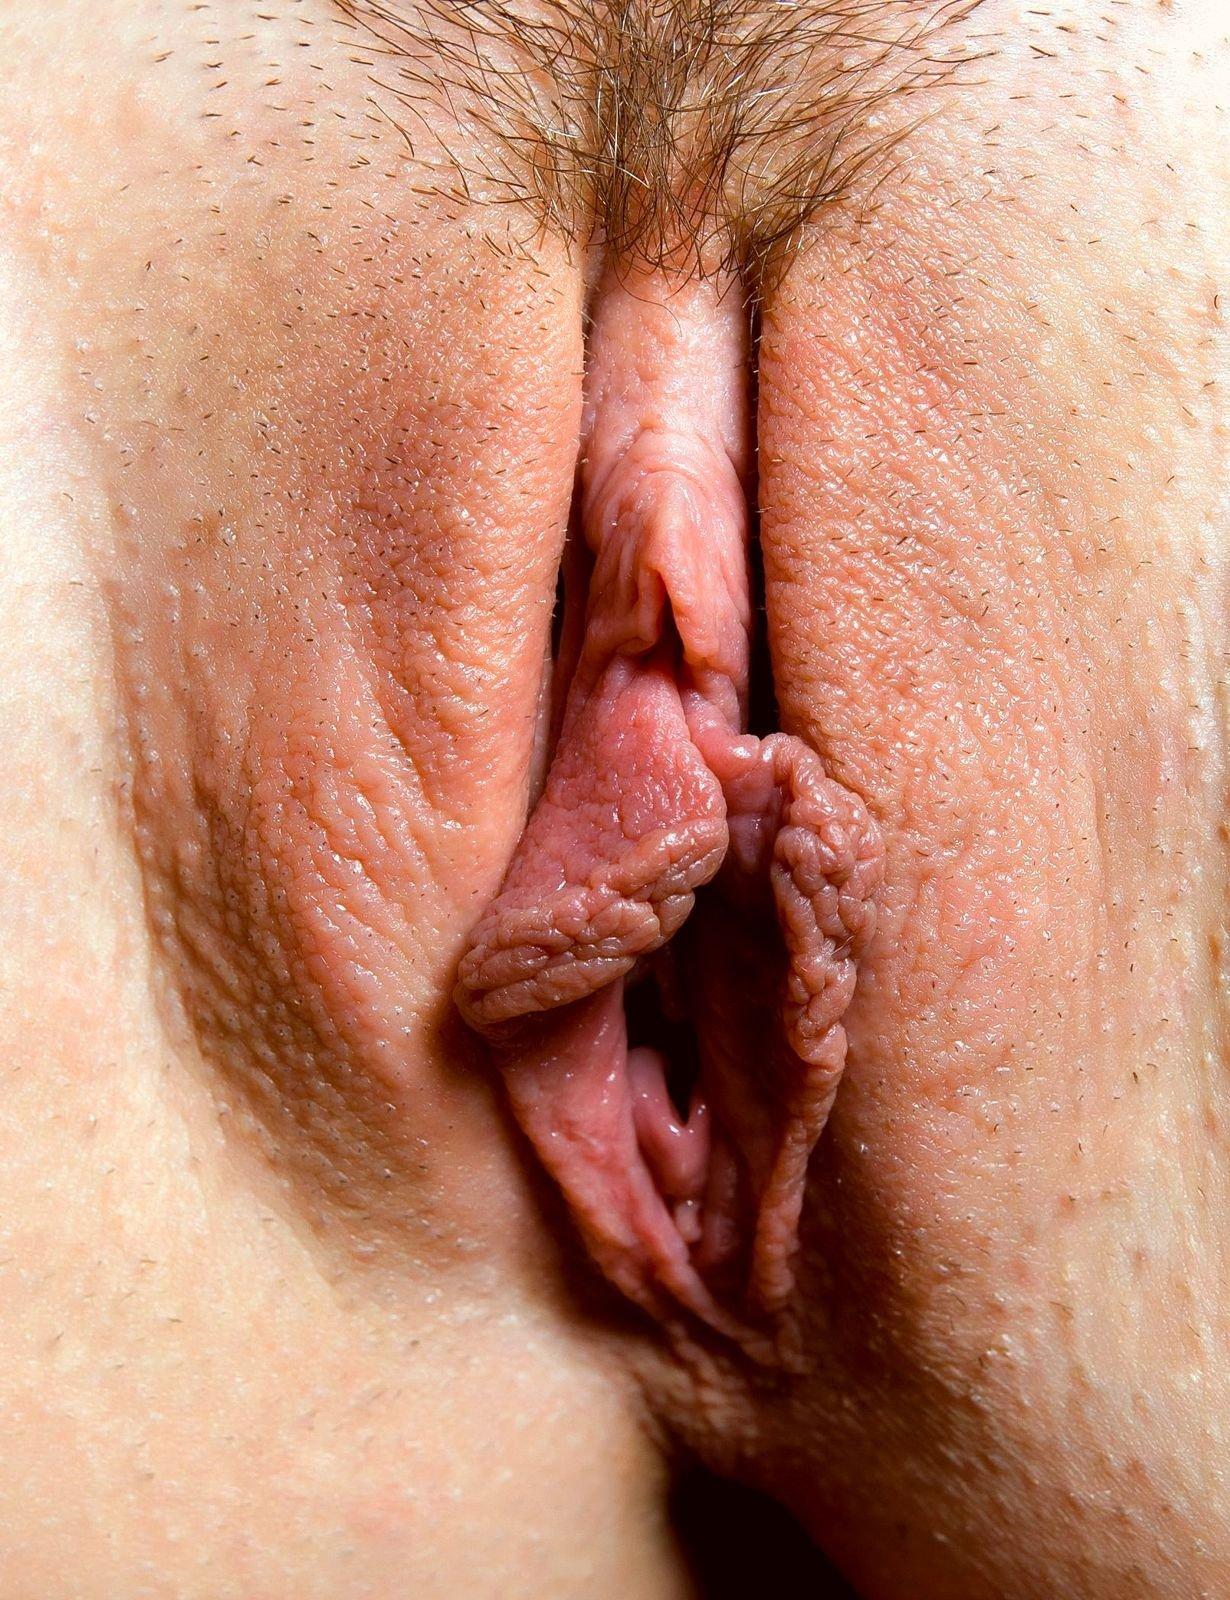 видео половых органов крупным планом - 6